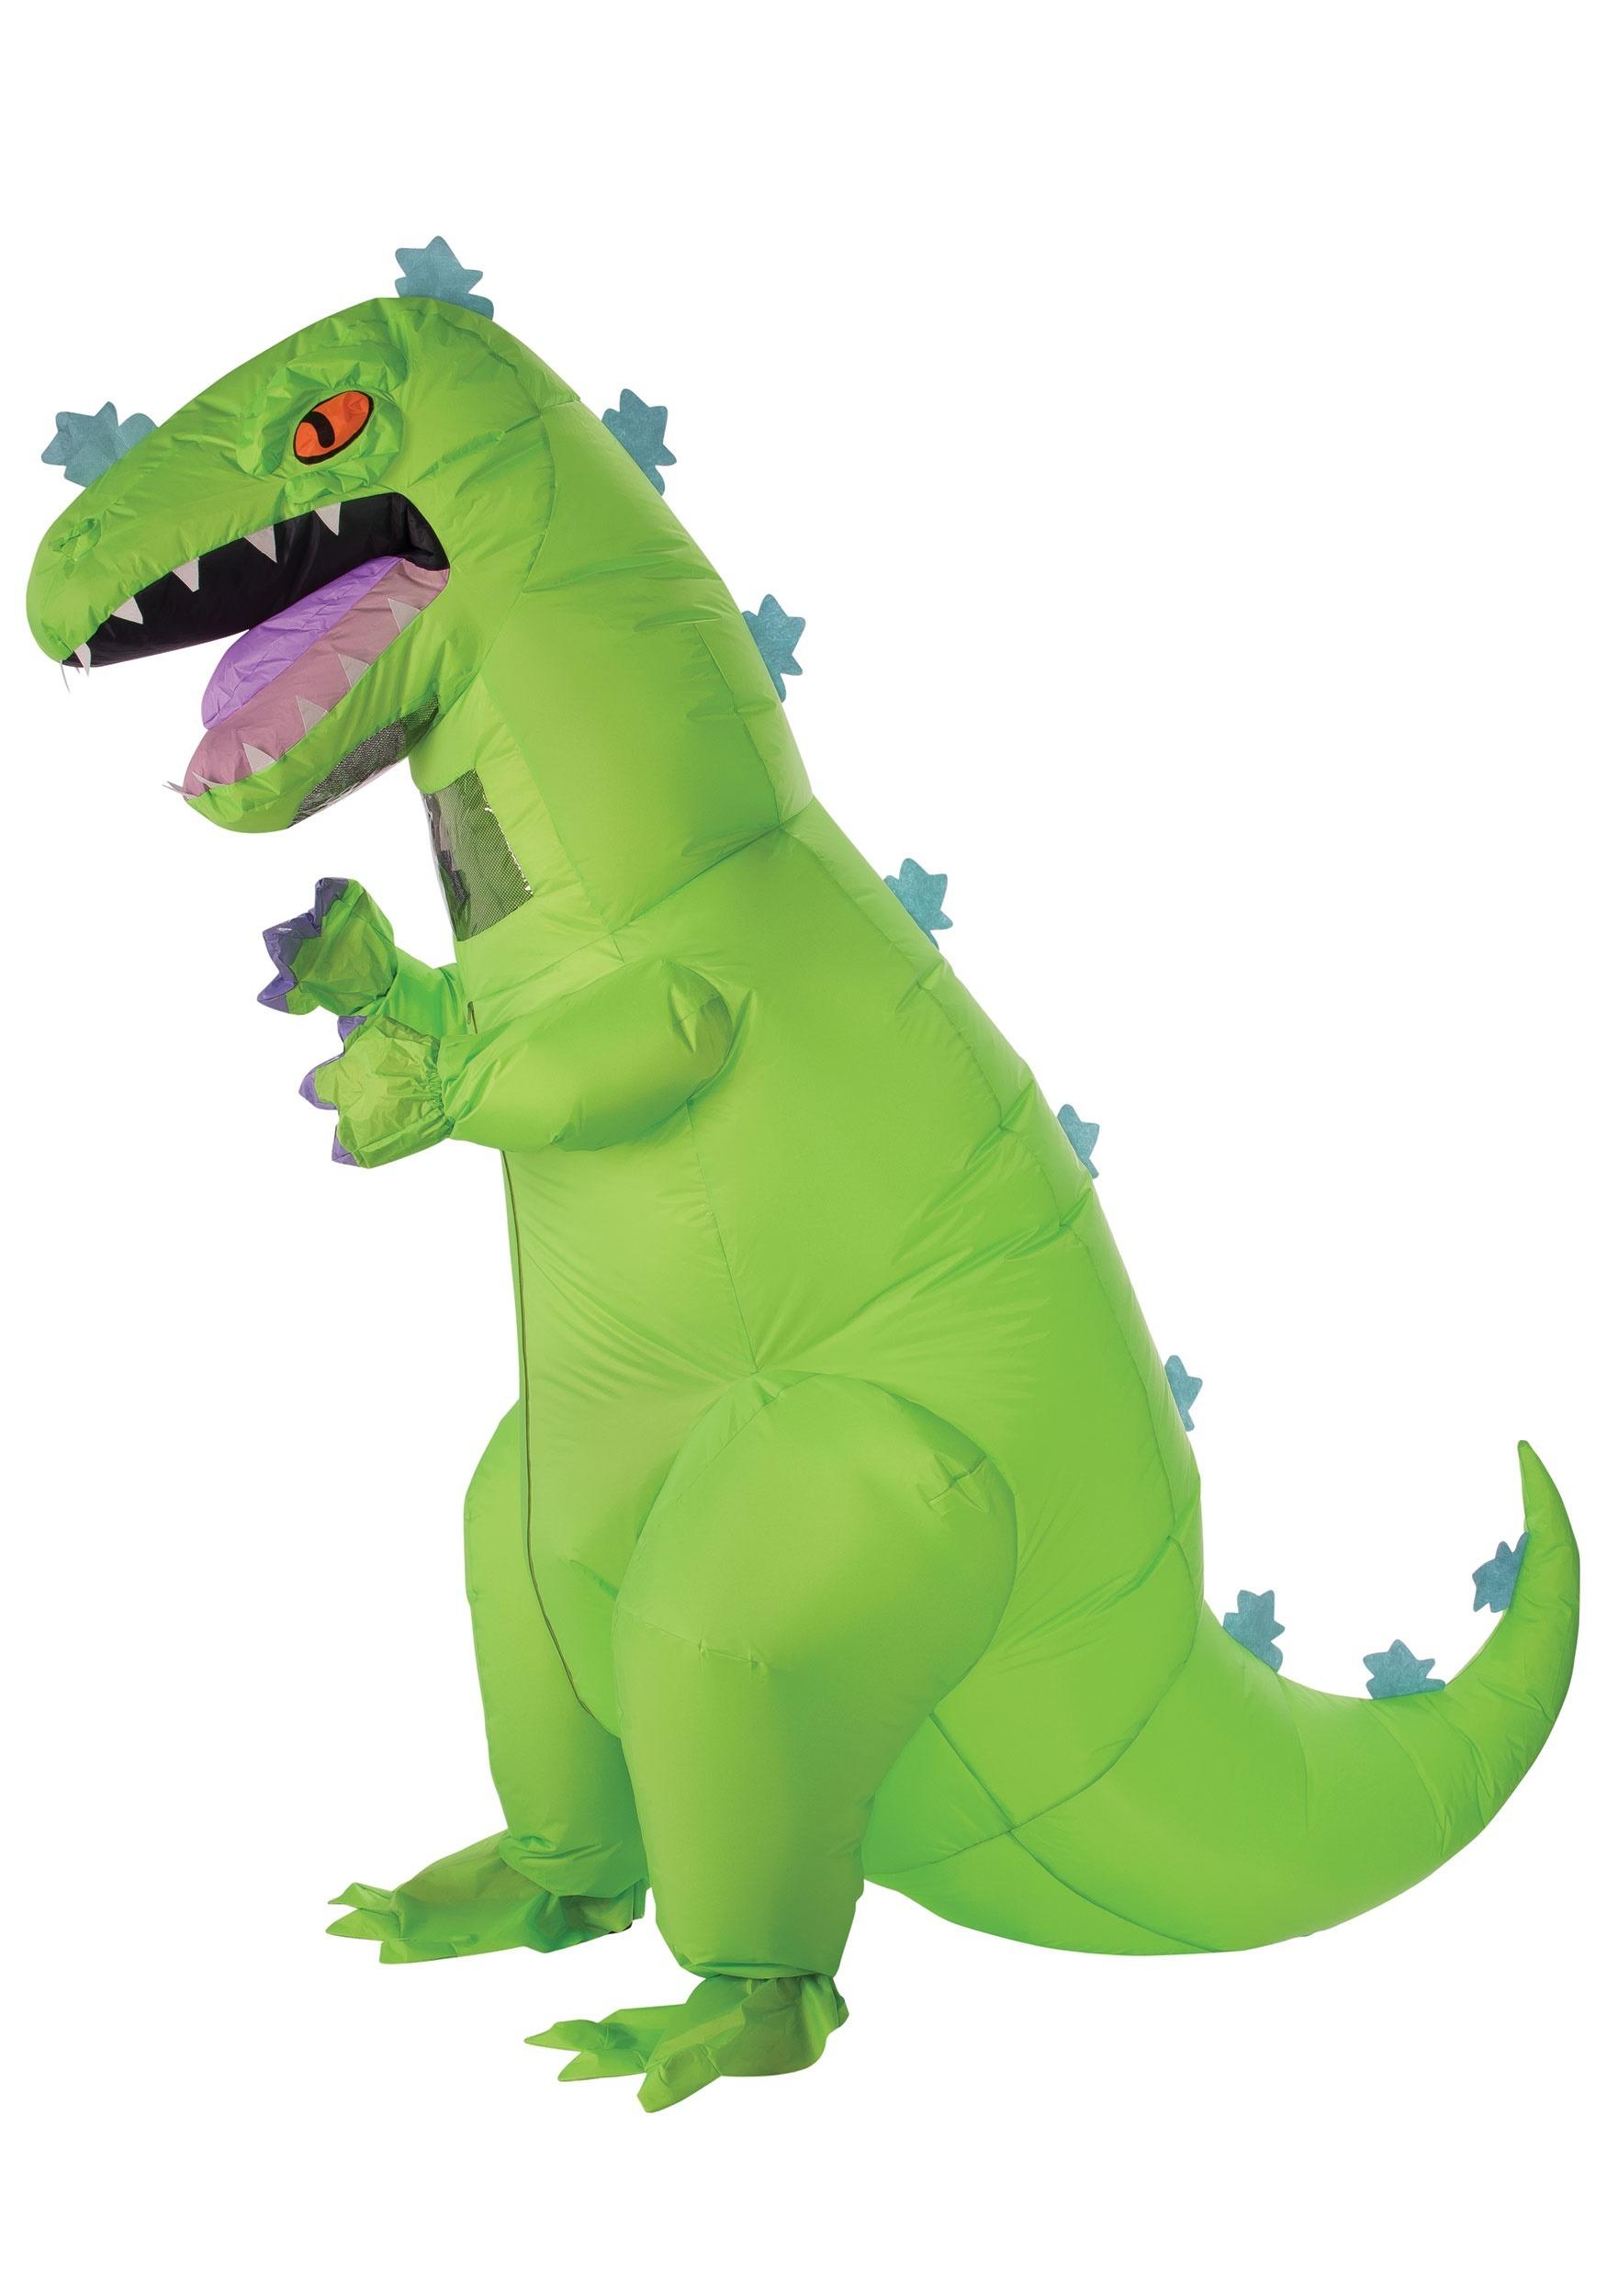 baby dinosaur halloween costume & amazon silly safari costume